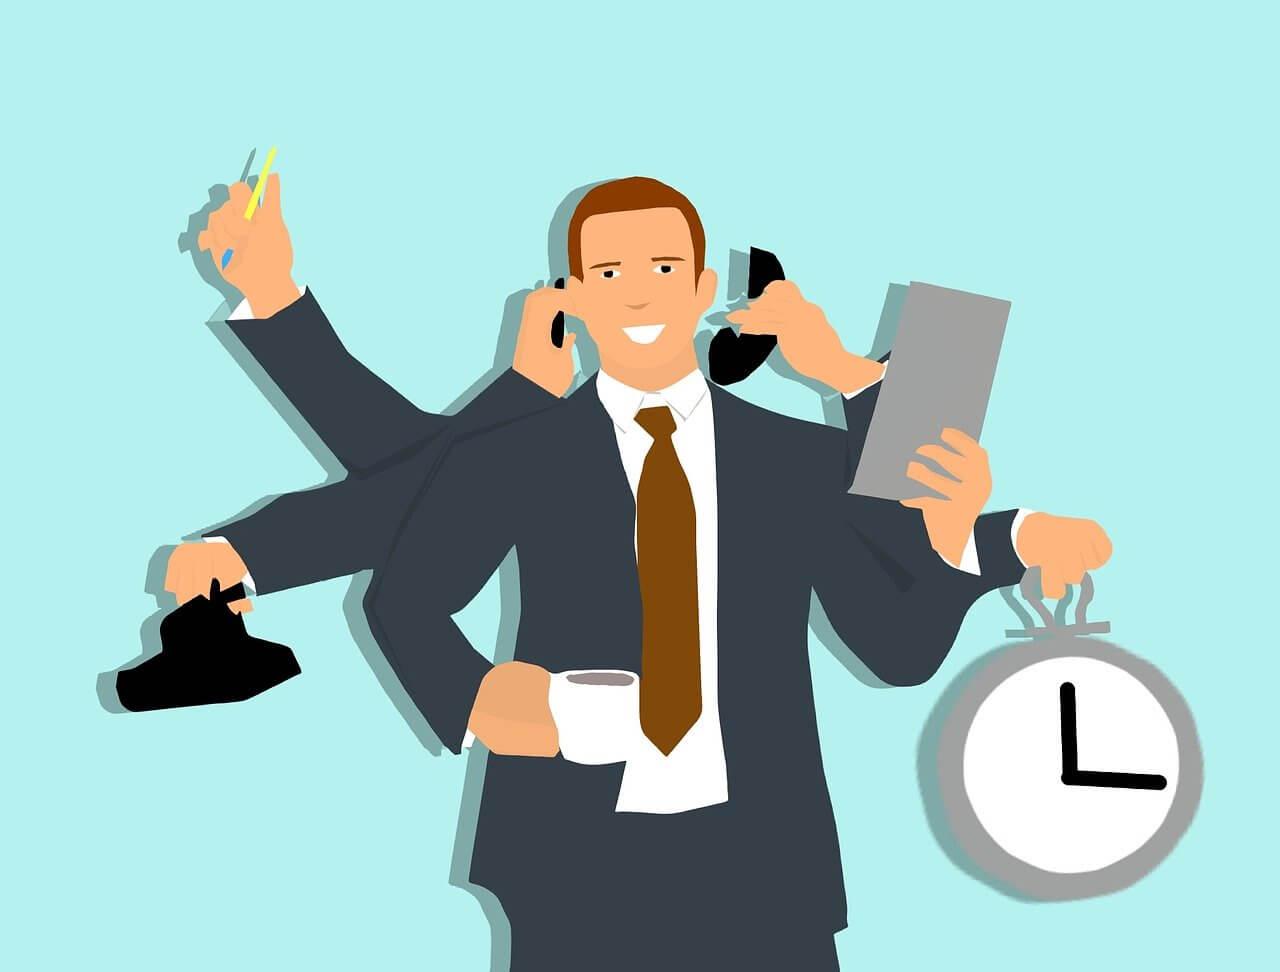 「30代ブラック企業社員」転職エージェントランキングの審査基準